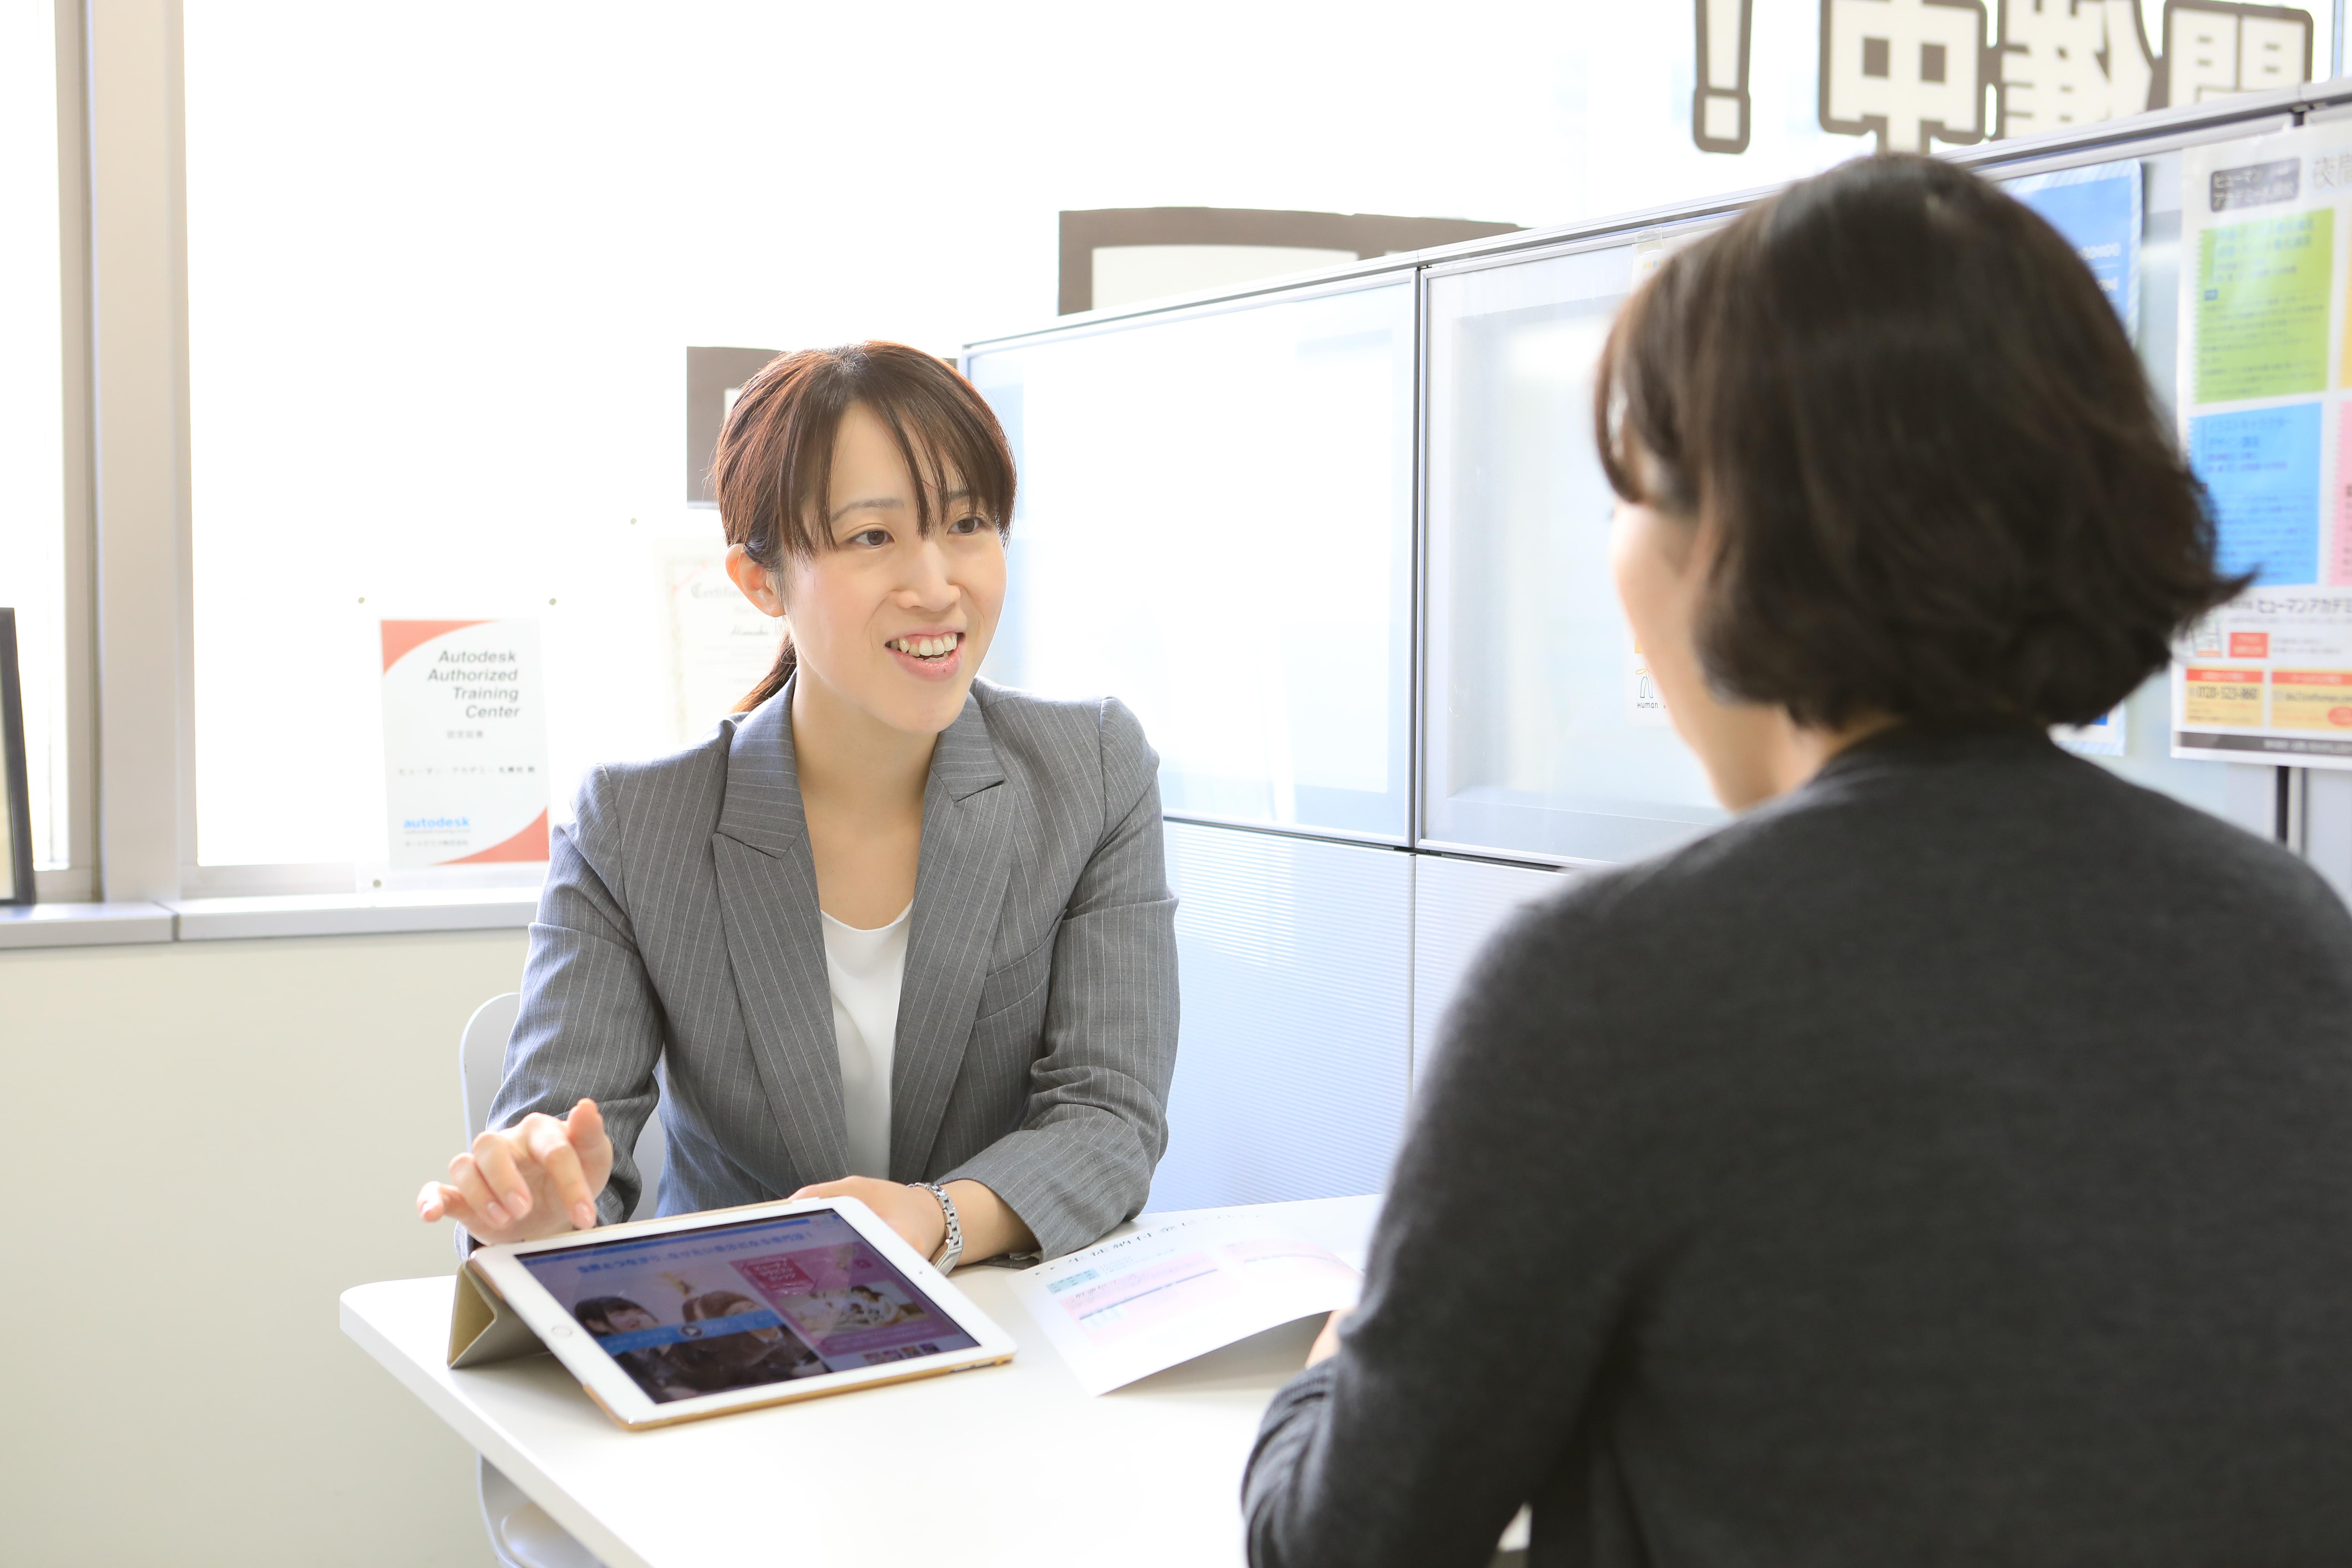 【転校・再進学希望者向け】転入・編入相談会◆広島・通信制高校◆